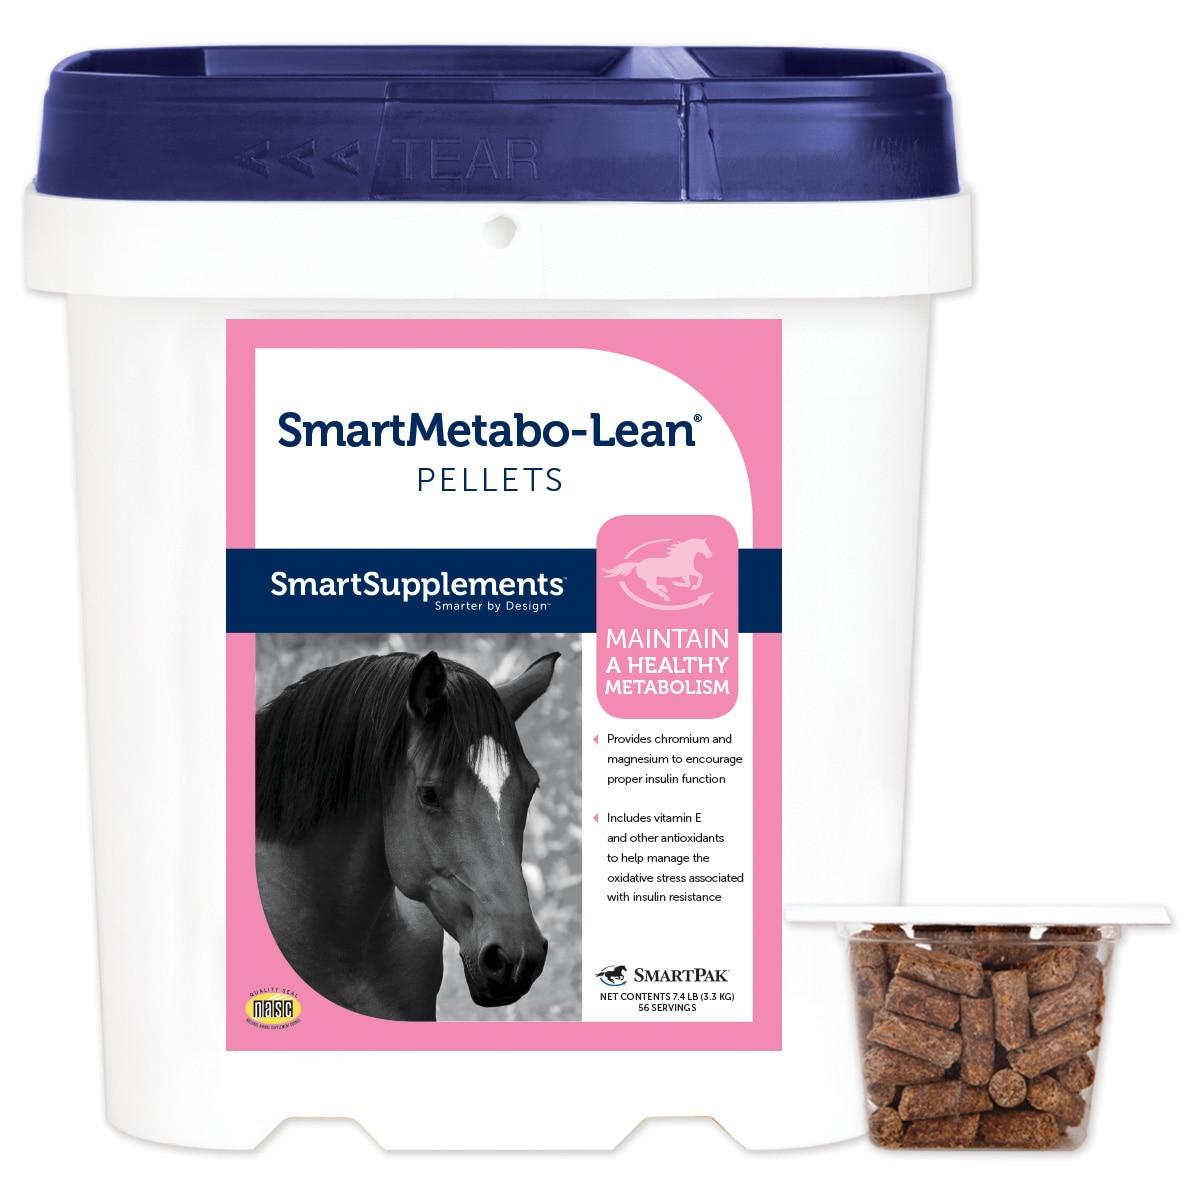 SmartMetabo-Lean® Pellets